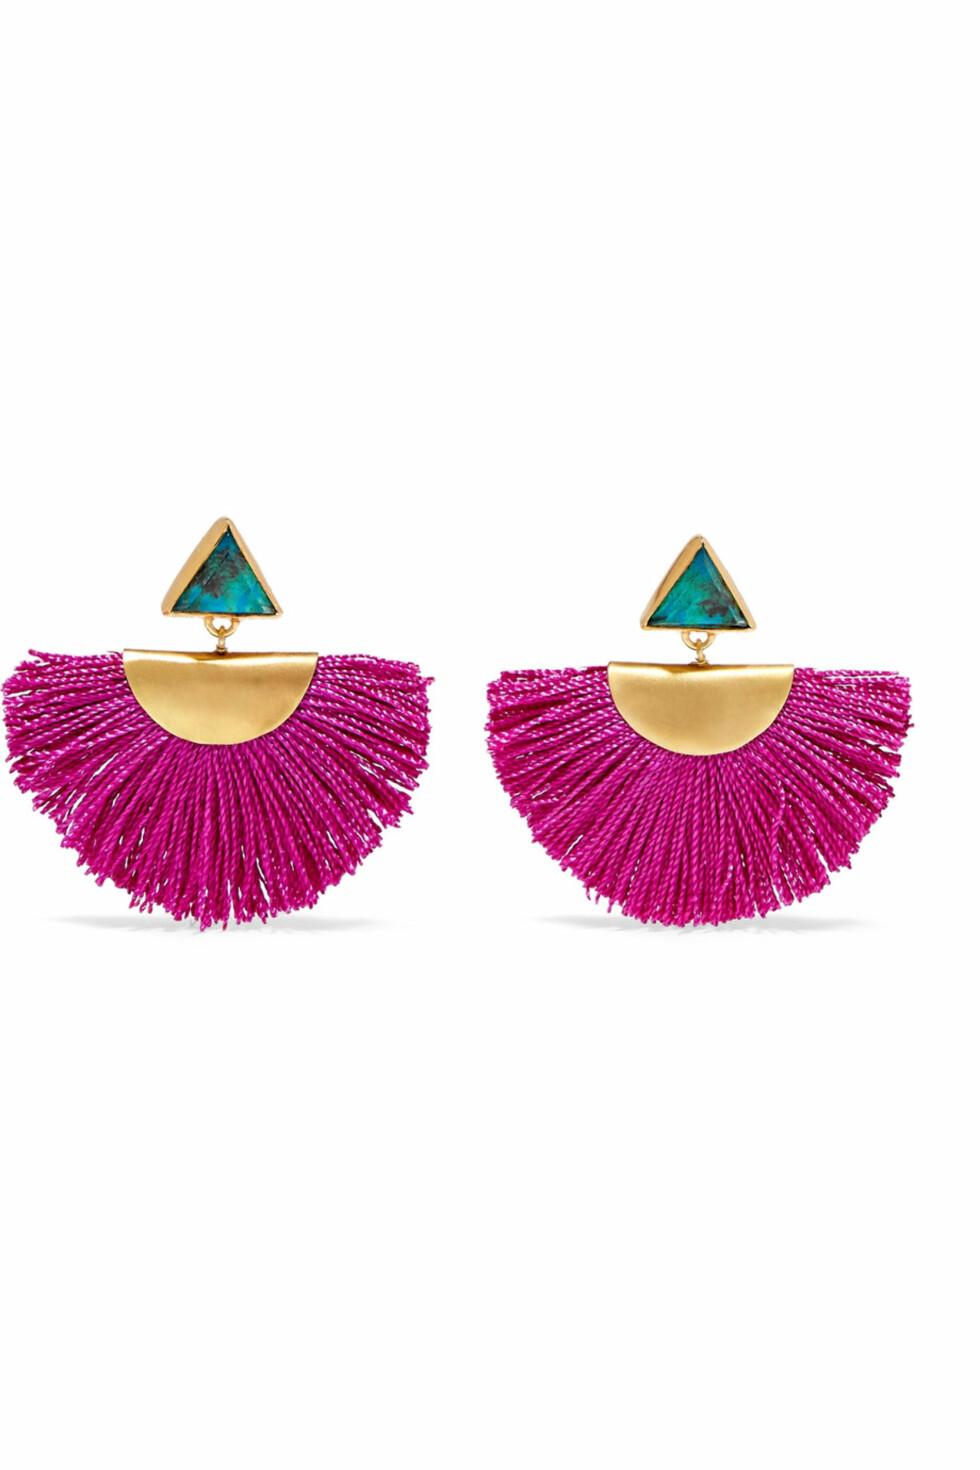 Øredobber fra Katerina Makryianni via Net-a-porter.com |2440,-|https://www.net-a-porter.com/no/en/product/1011035/Katerina_Makriyianni/fringed-gold-vermeil-chrysocolla-earrings